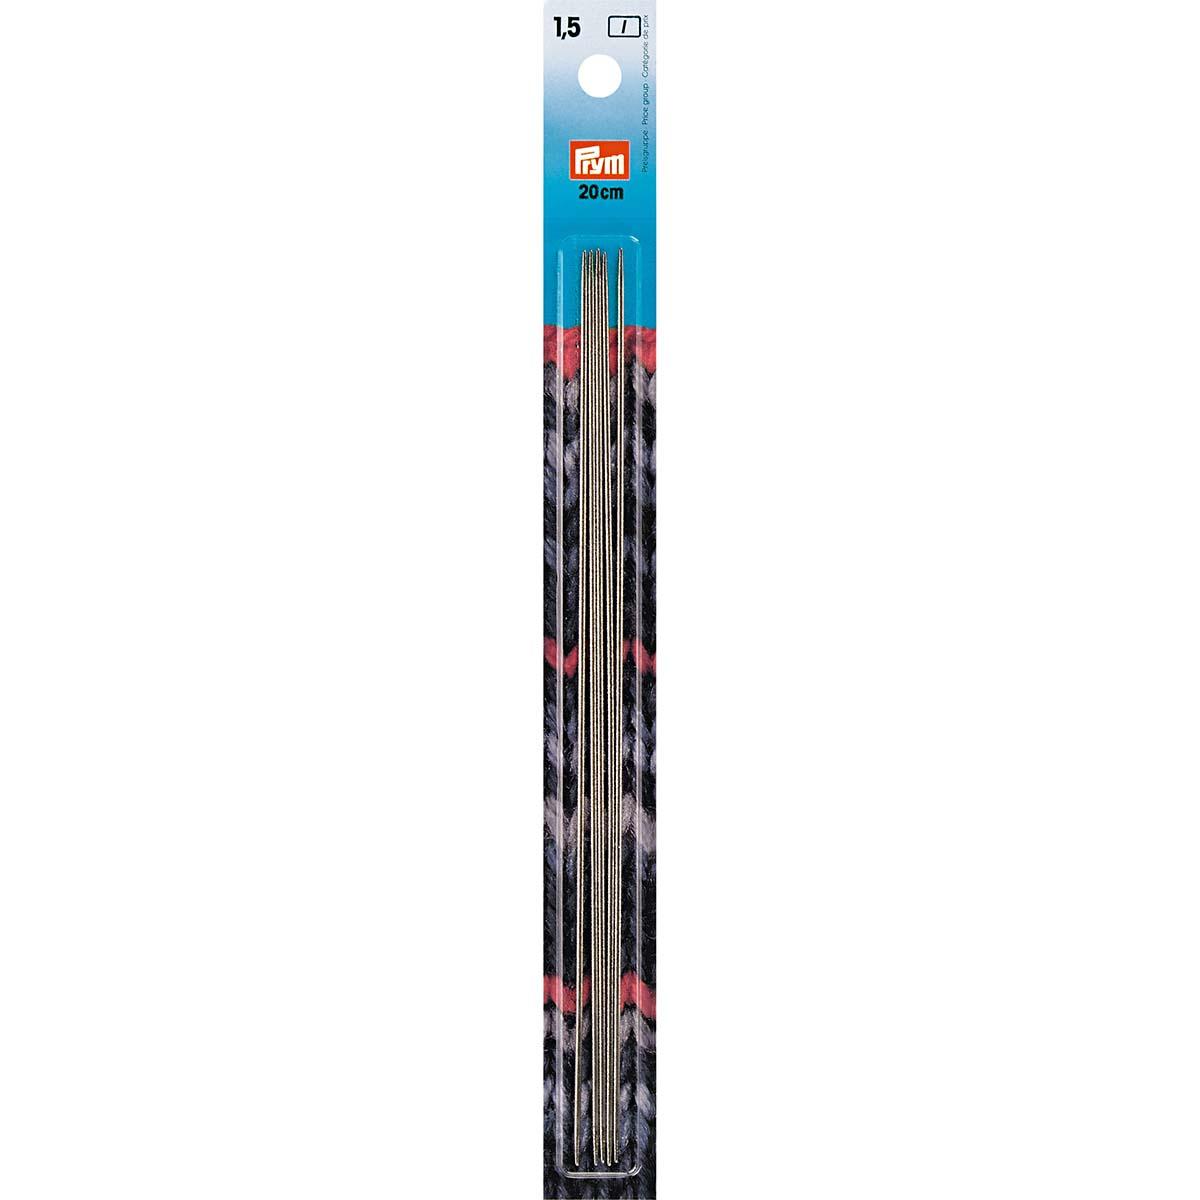 171233 Спицы носочные, сталь, 20 см*1,5 мм, Prym